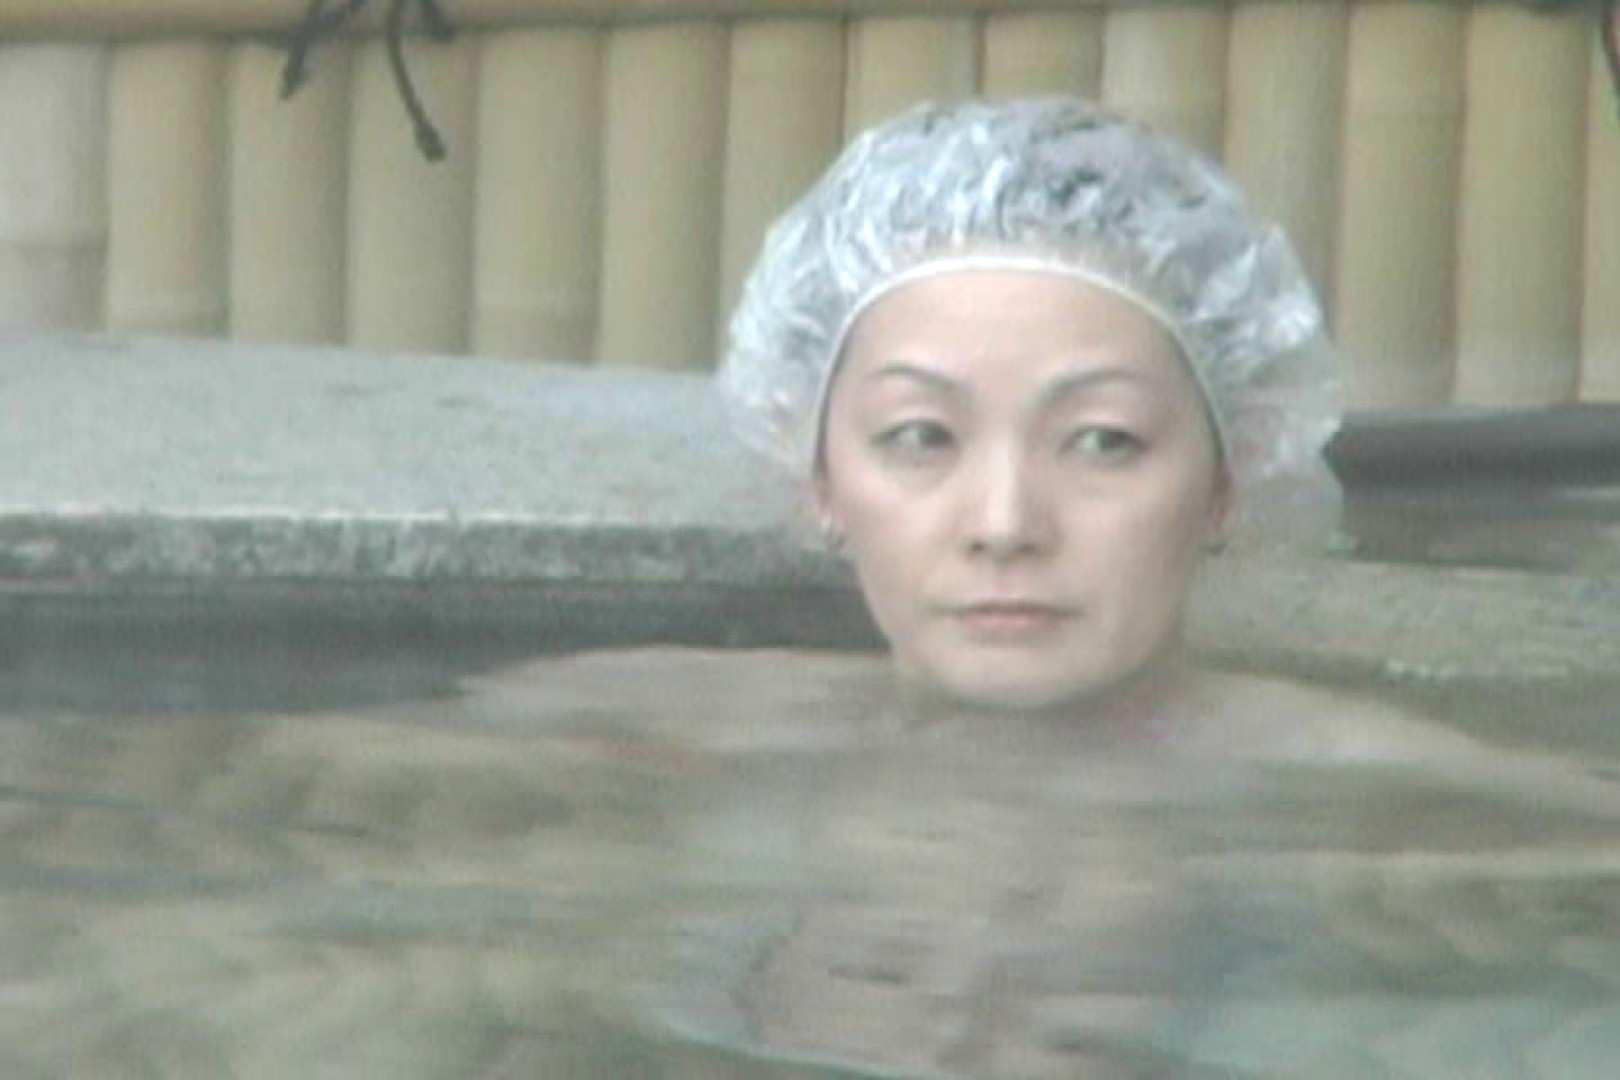 Aquaな露天風呂Vol.592 盗撮師作品 | 美しいOLの裸体  91pic 88